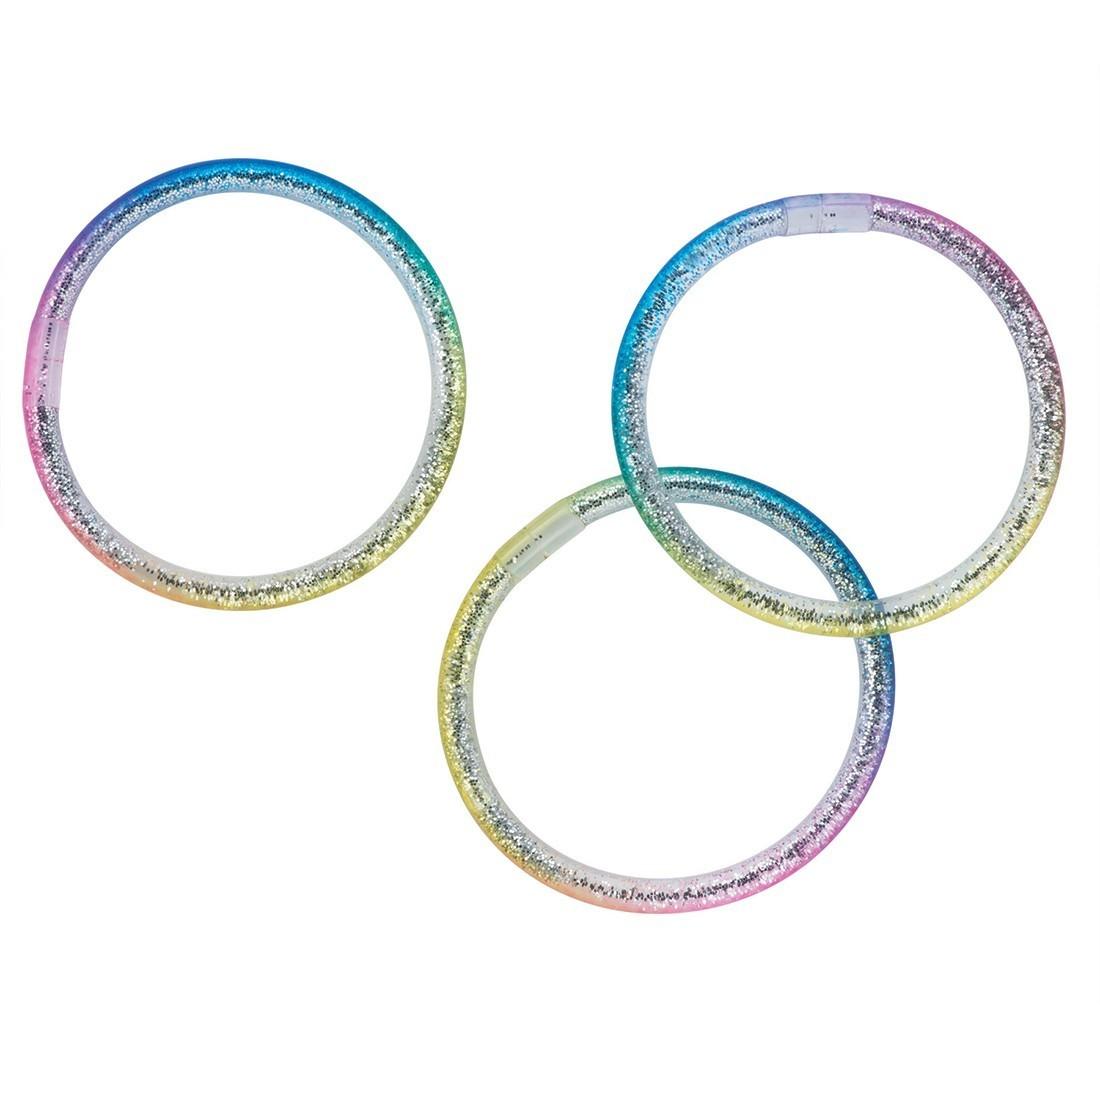 Rainbow Liquid Glitter Bracelets [image]